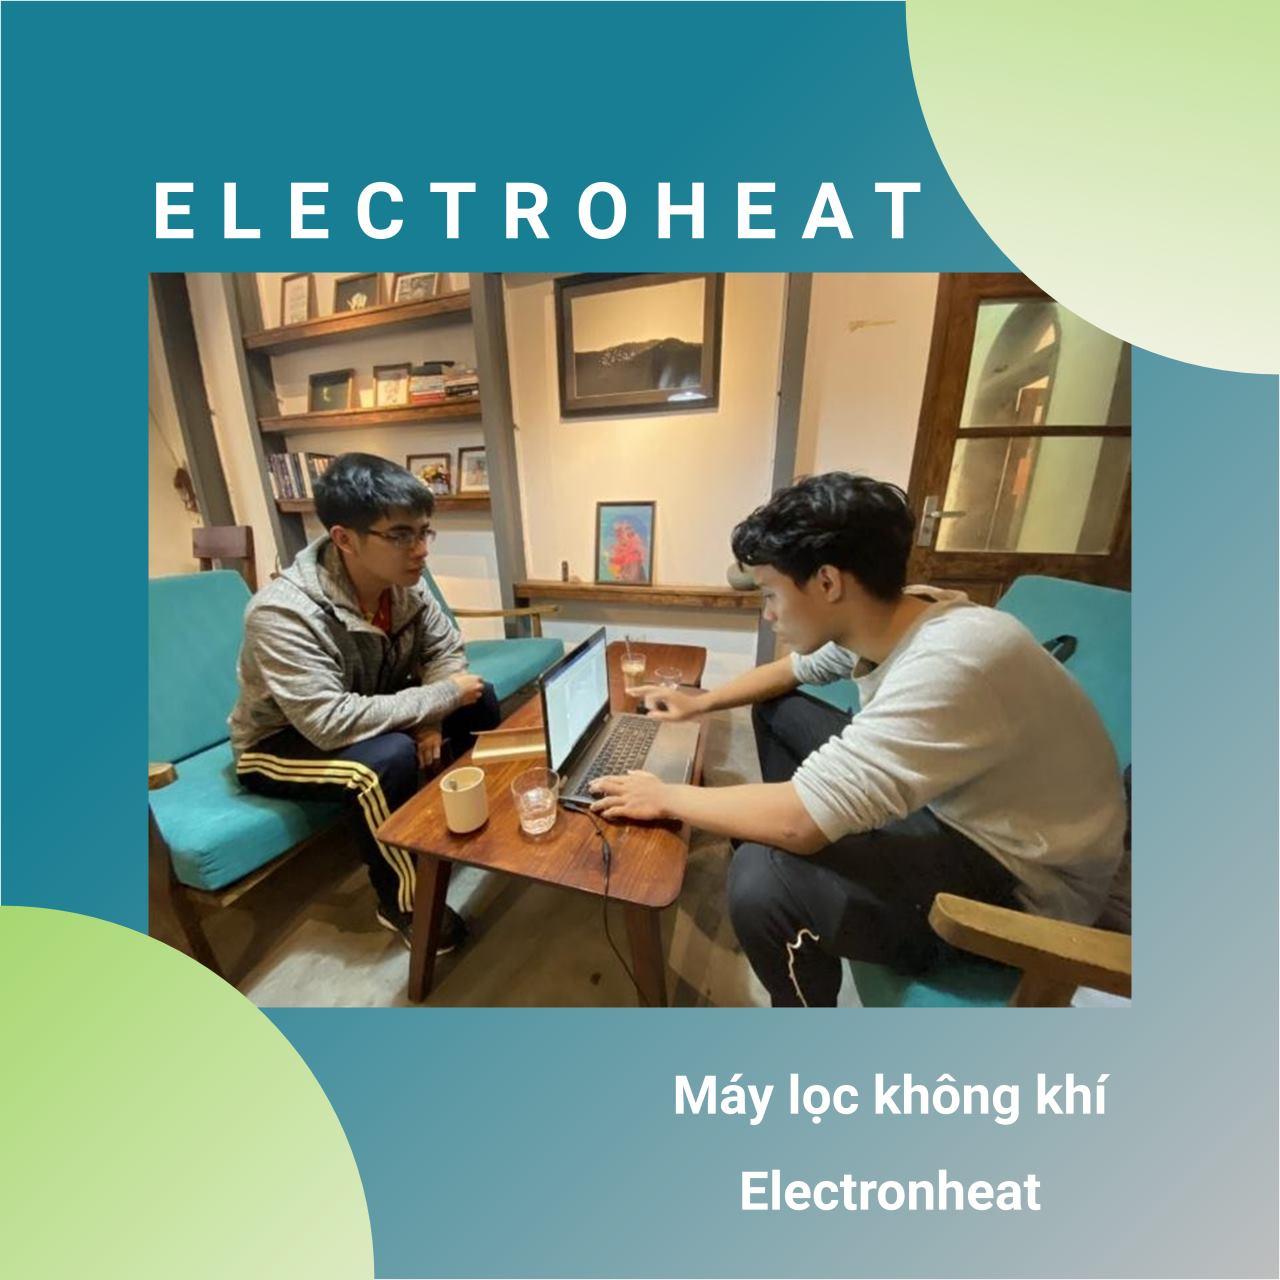 Nhóm Electroheat - Máy lọc không khí trong không gian kín